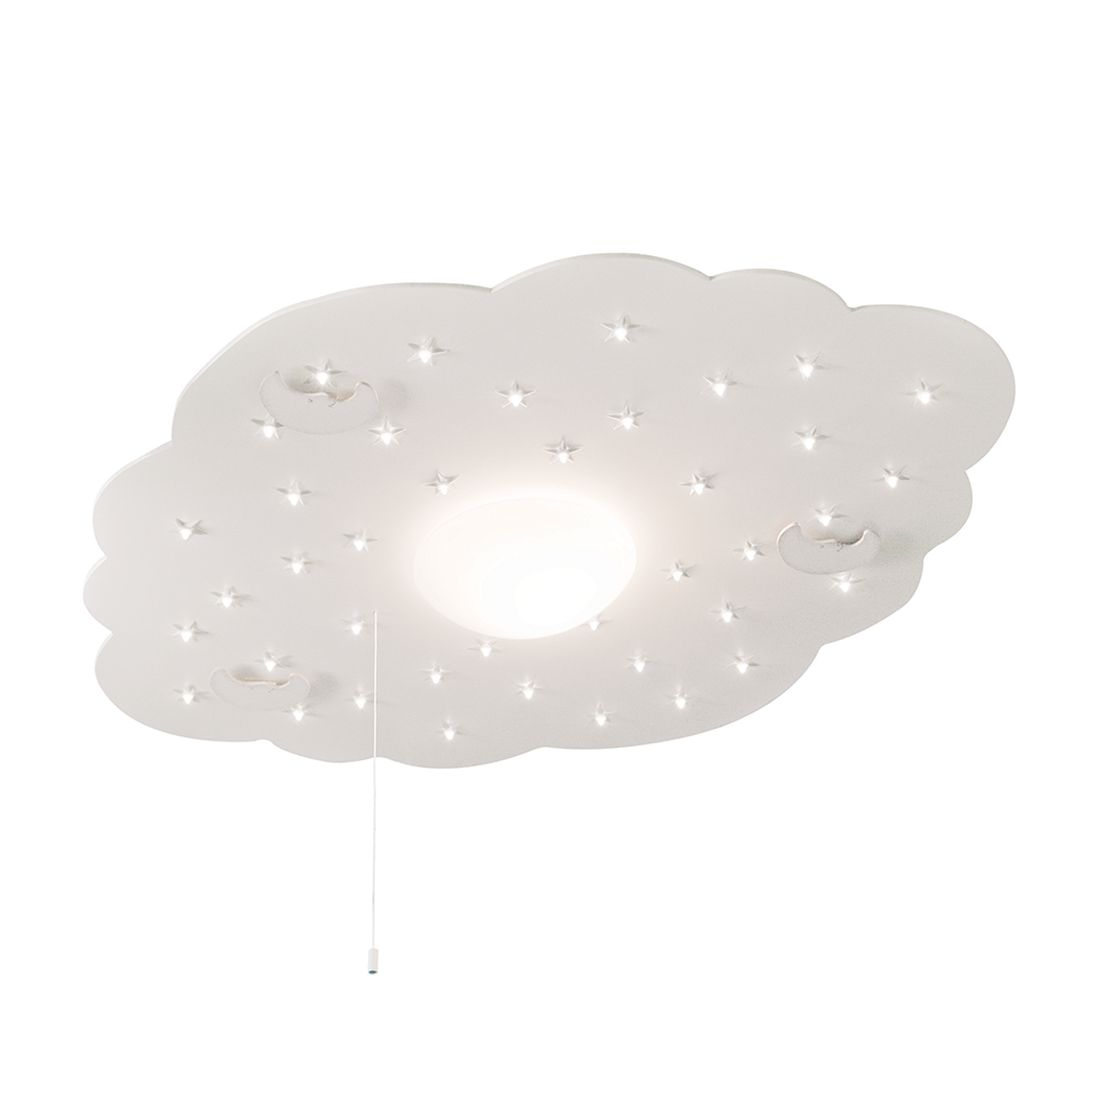 LED-Deckenleuchte Kids ● 1-flammig Weiß- Steinhauer A++